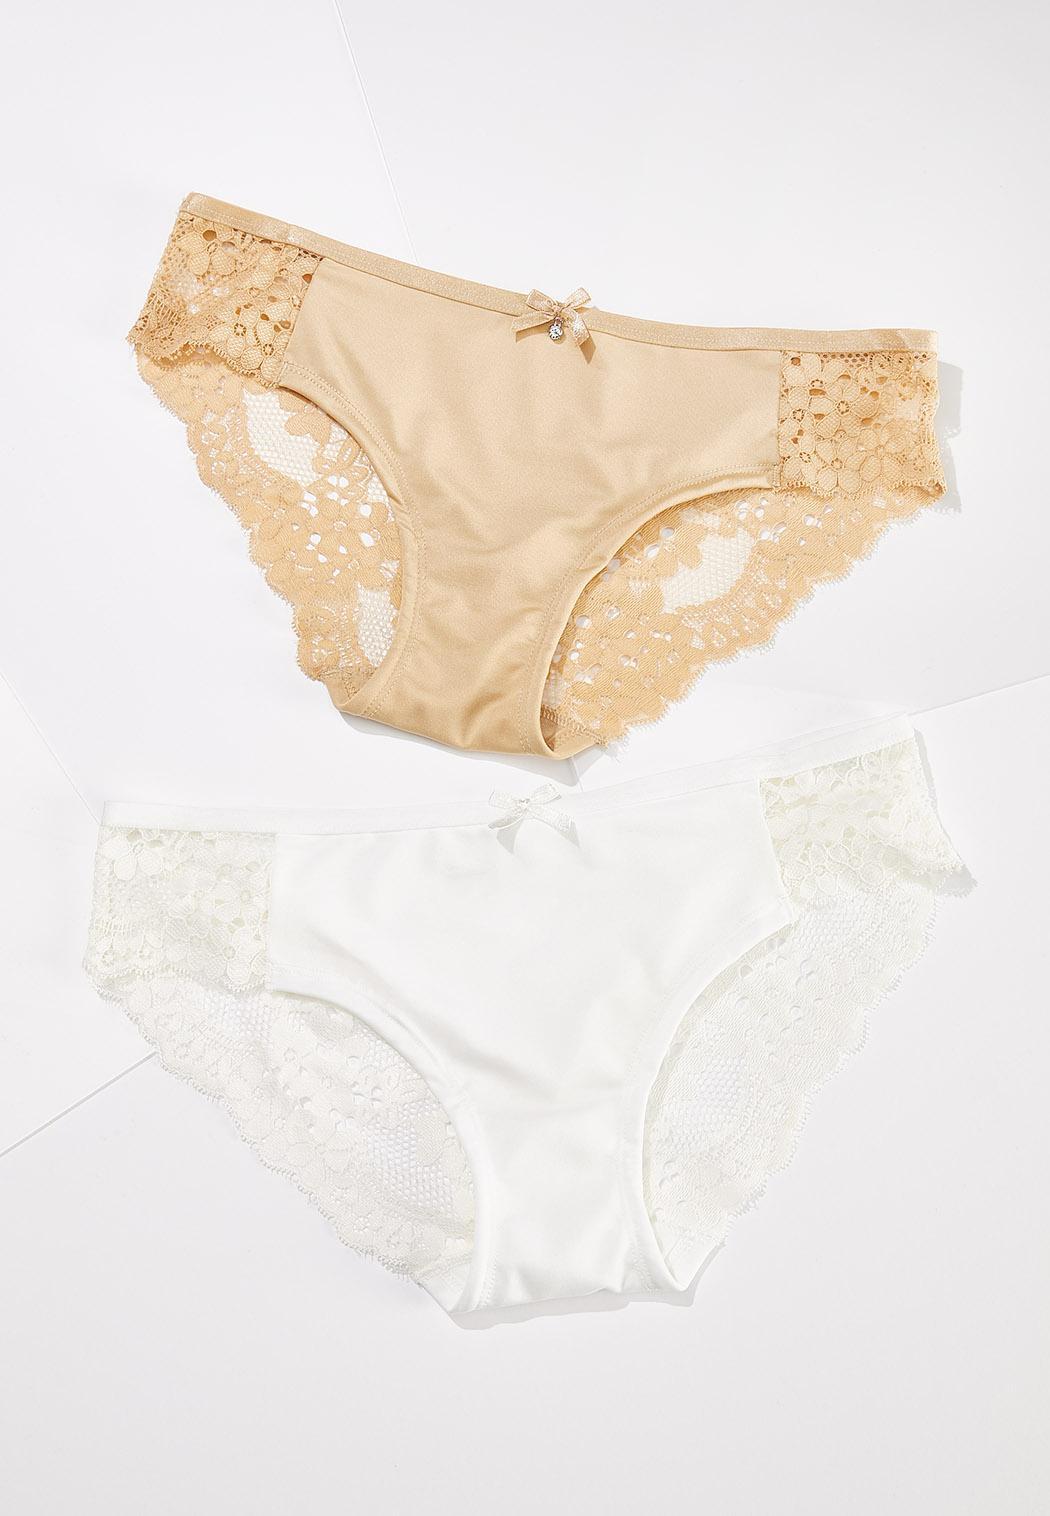 Plus Size Neutral Panty Set